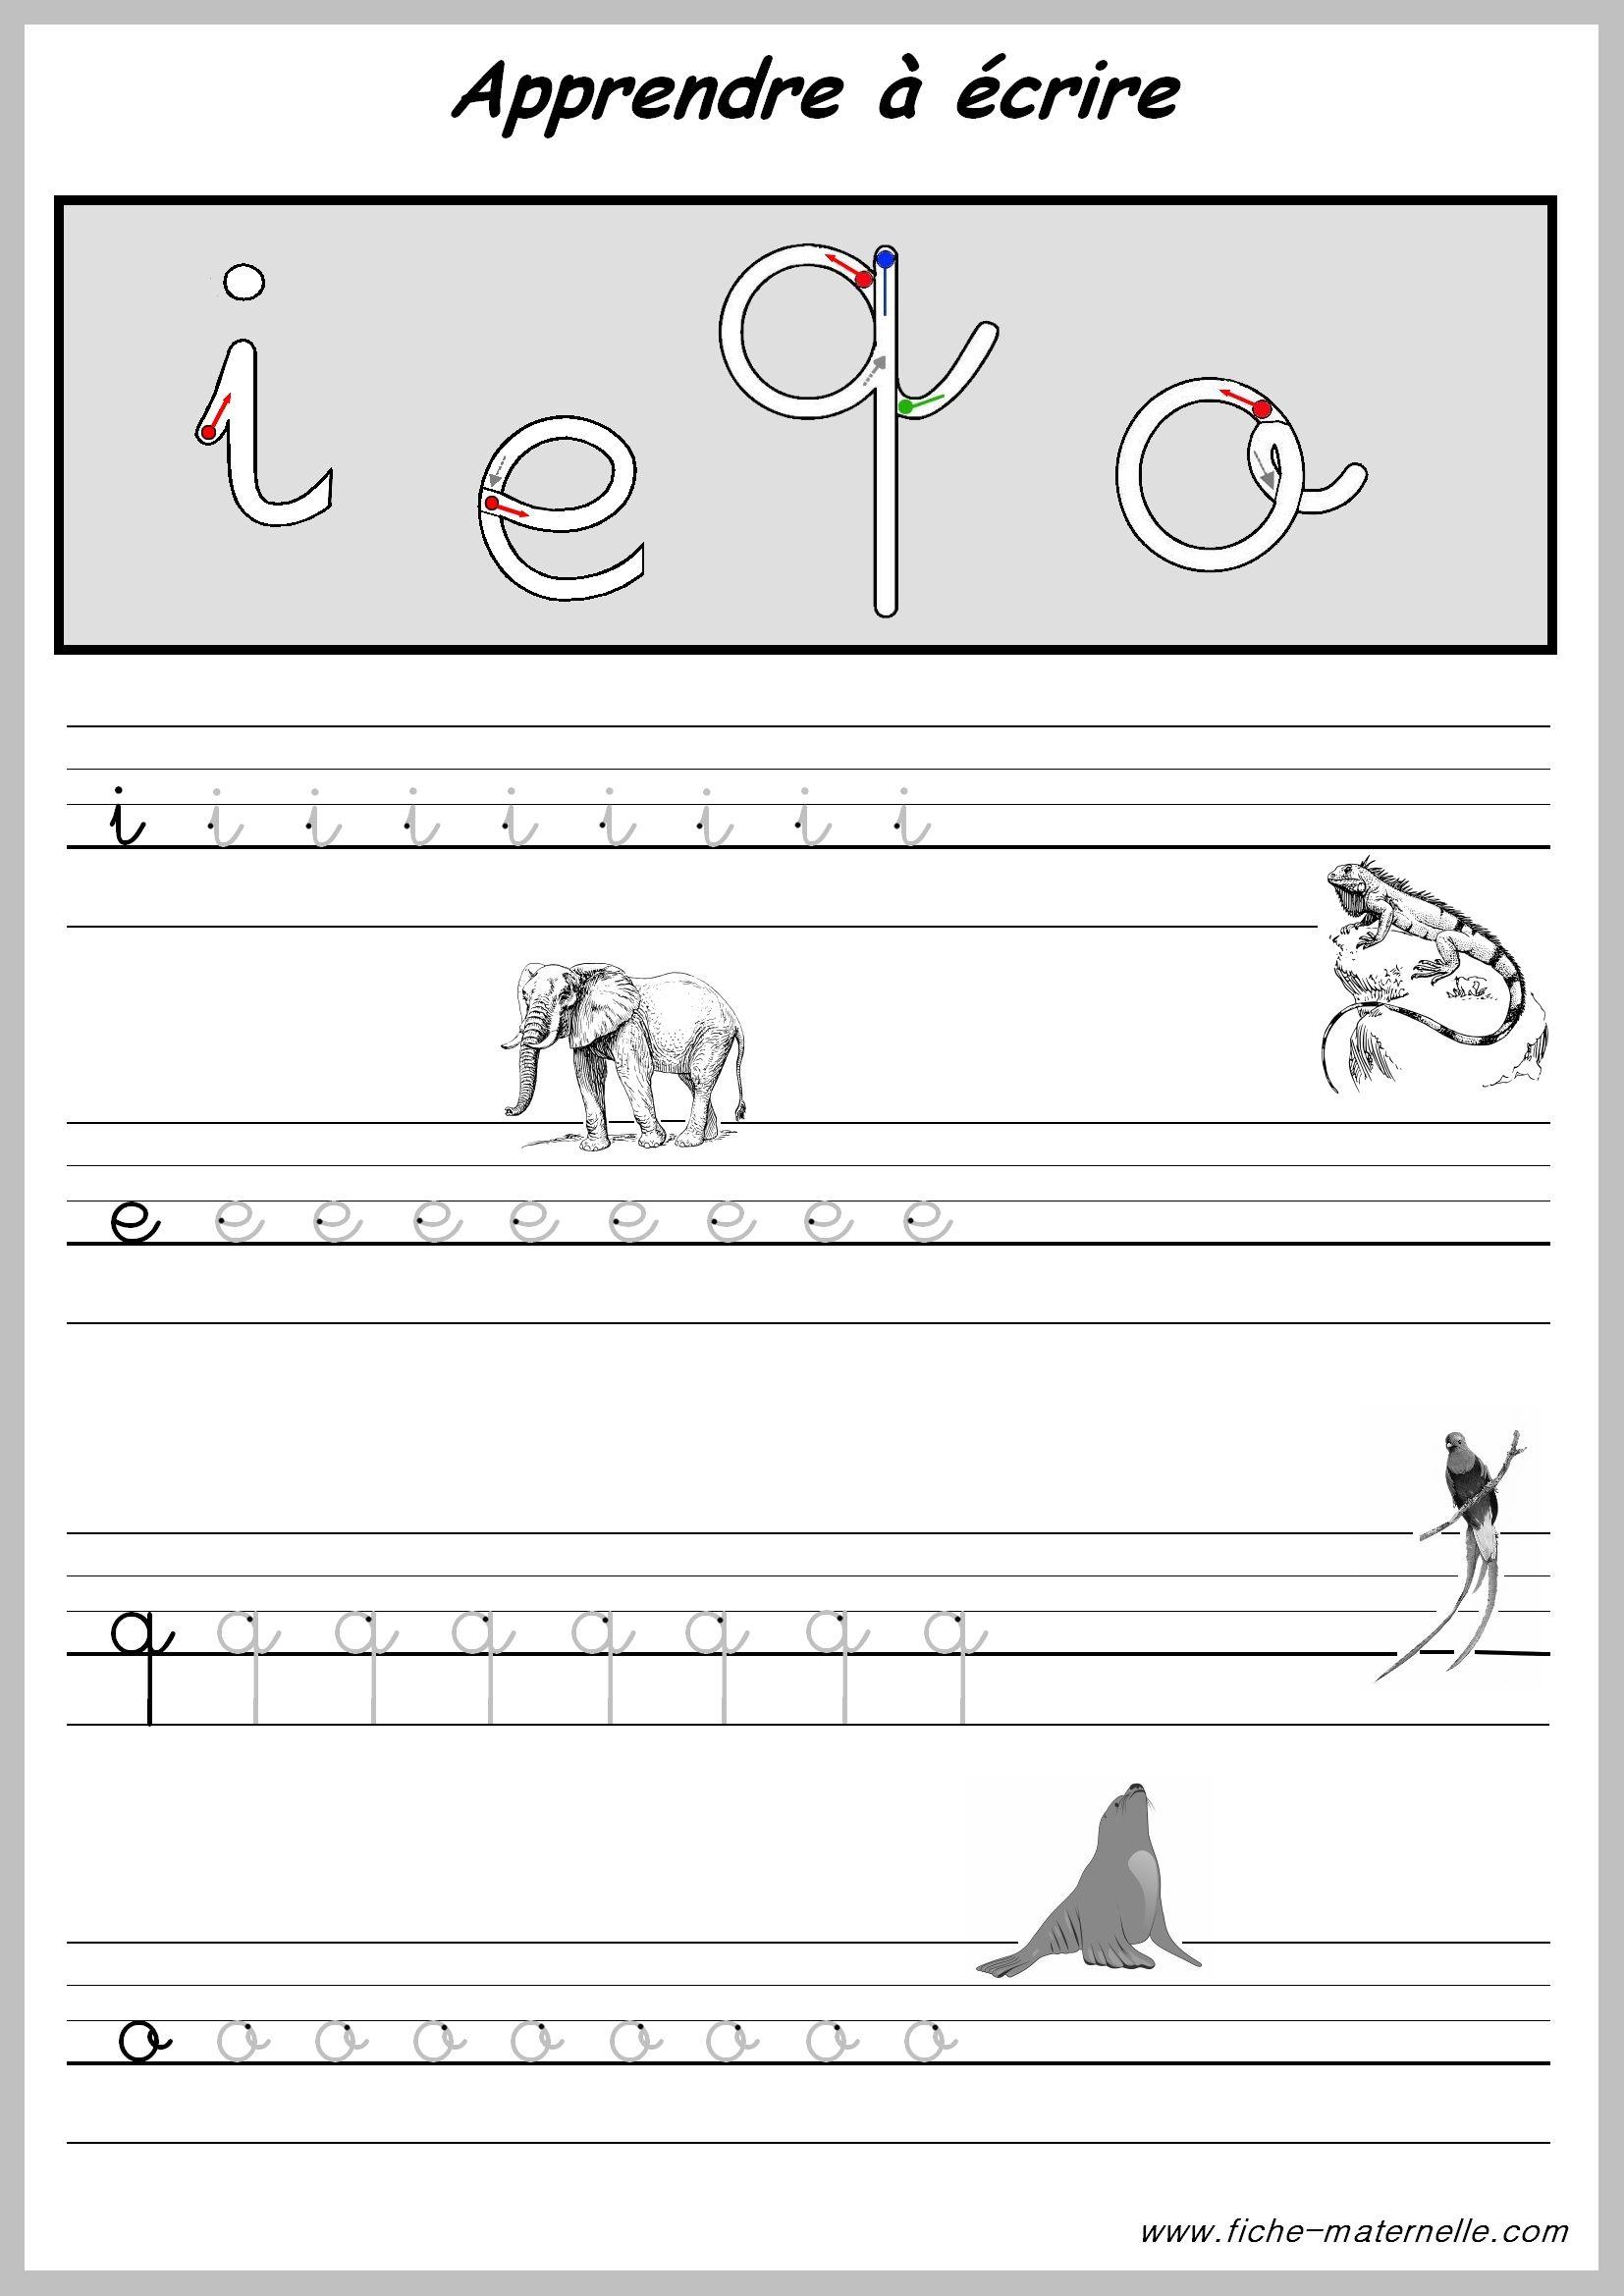 Exercices Pour Apprendre A Ecrire.   Apprendre À Écrire concernant Apprendre À Écrire L Alphabet